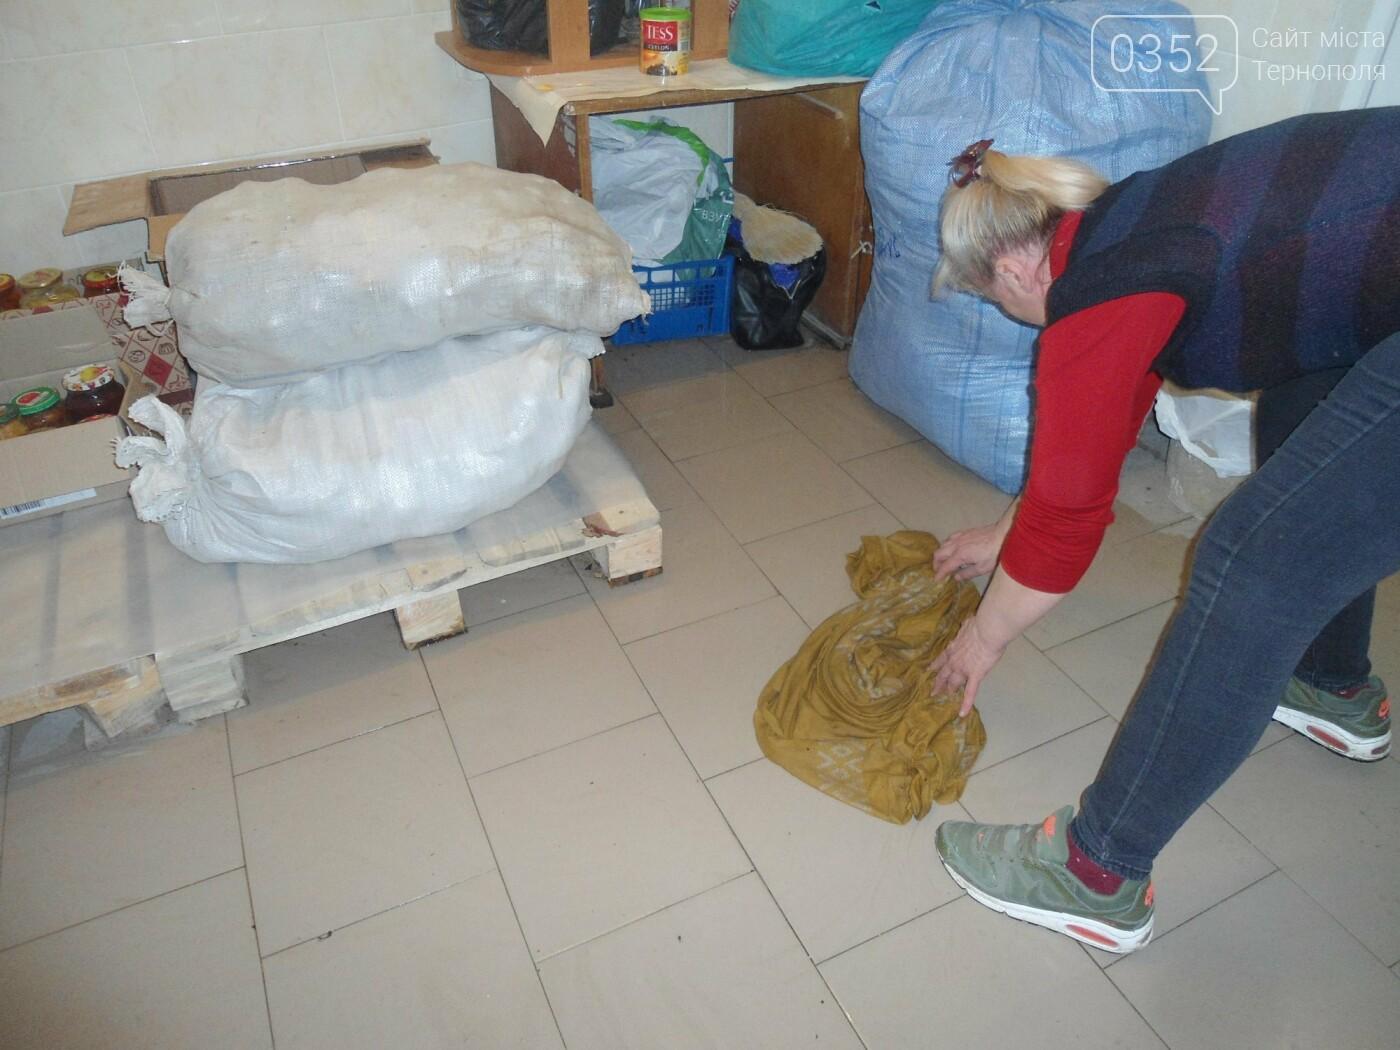 У Тернополі у багатоквартирному будинку постійно прориває каналізацію, затоплюючи підвальні приміщення благодійних організацій (ФОТО, ВІДЕО), фото-4